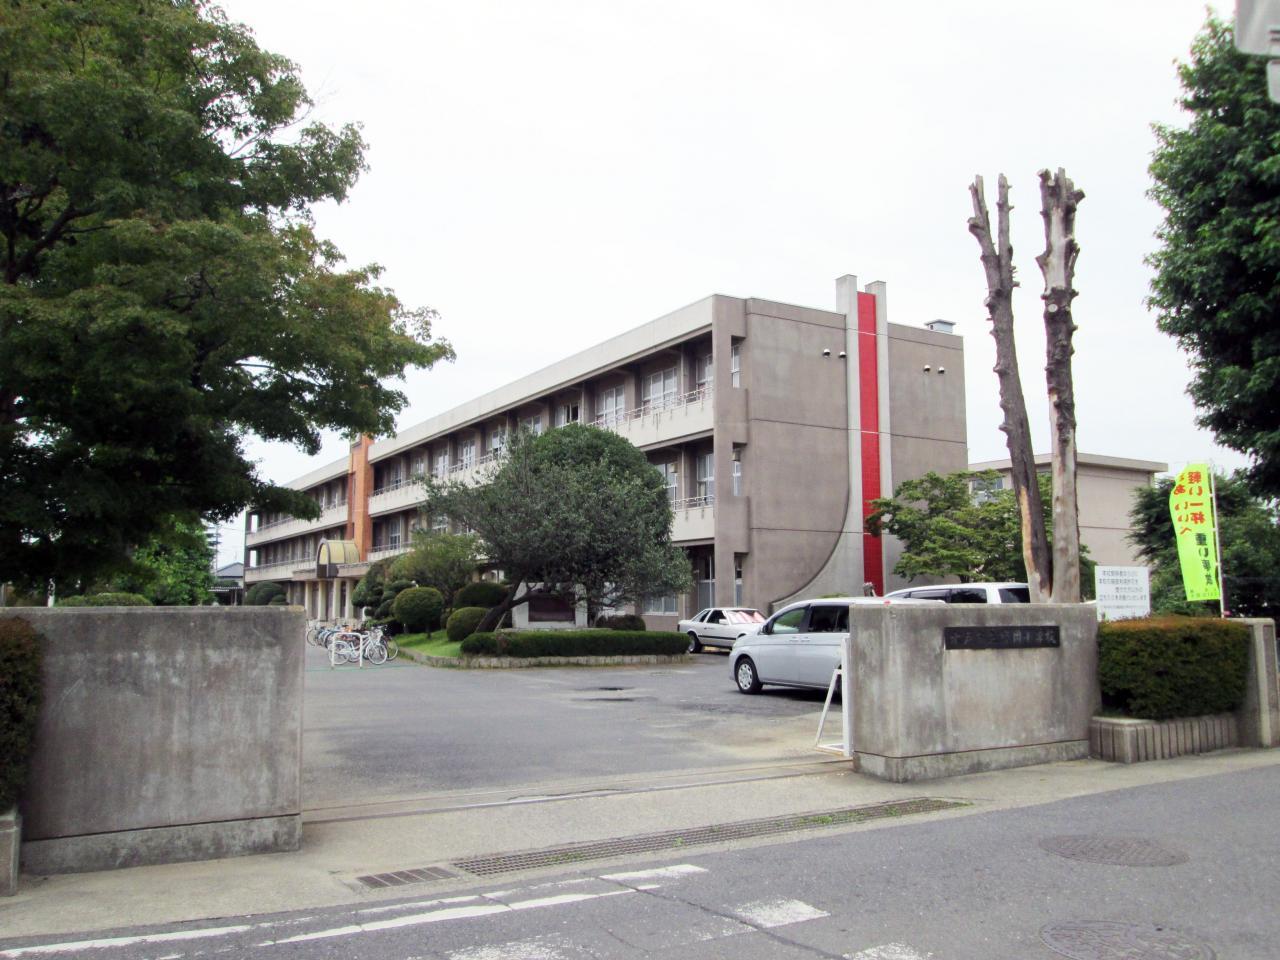 中古戸建 水戸市千波町 JR常磐線(取手〜いわき)水戸駅 1249万円